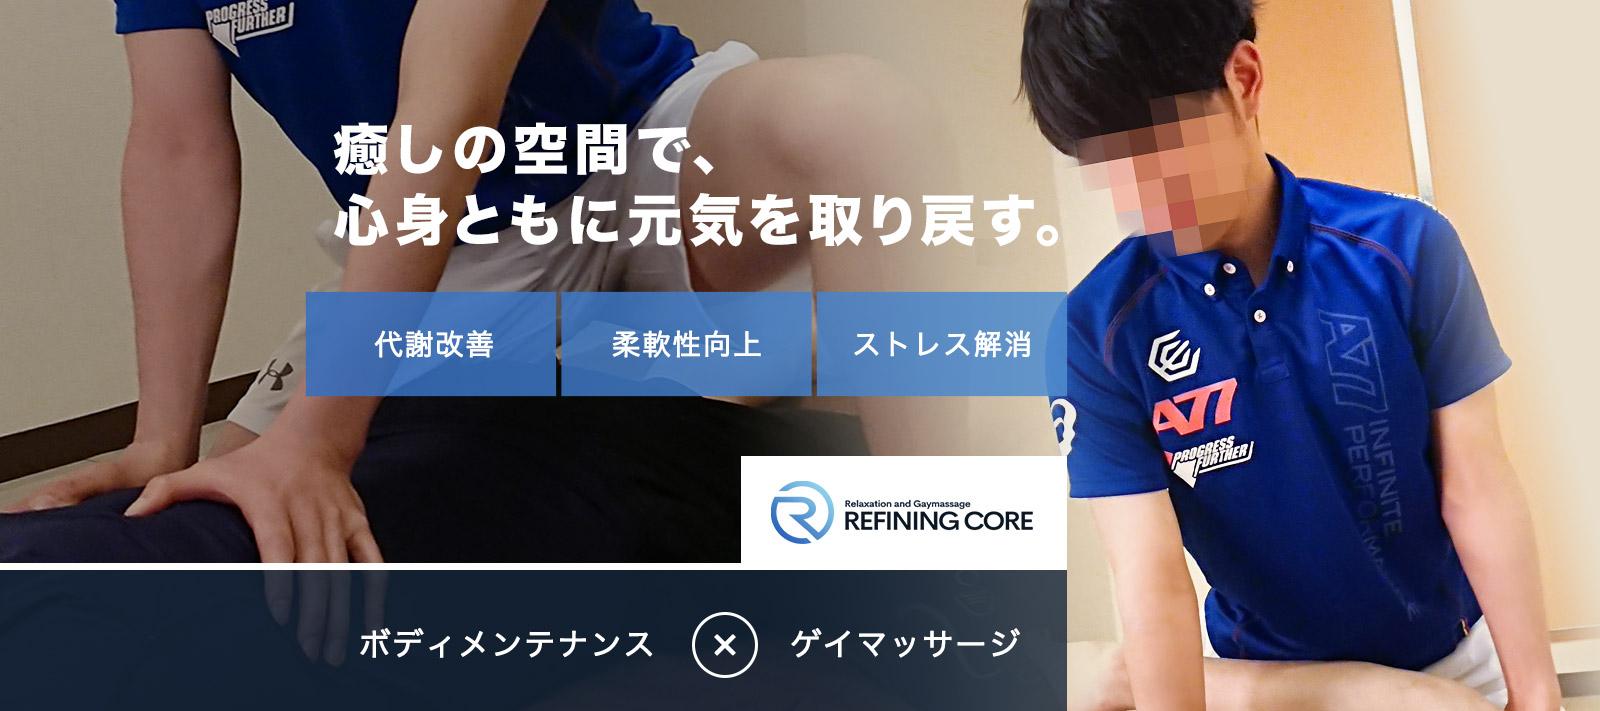 大阪ゲイマッサージREFINING CORE